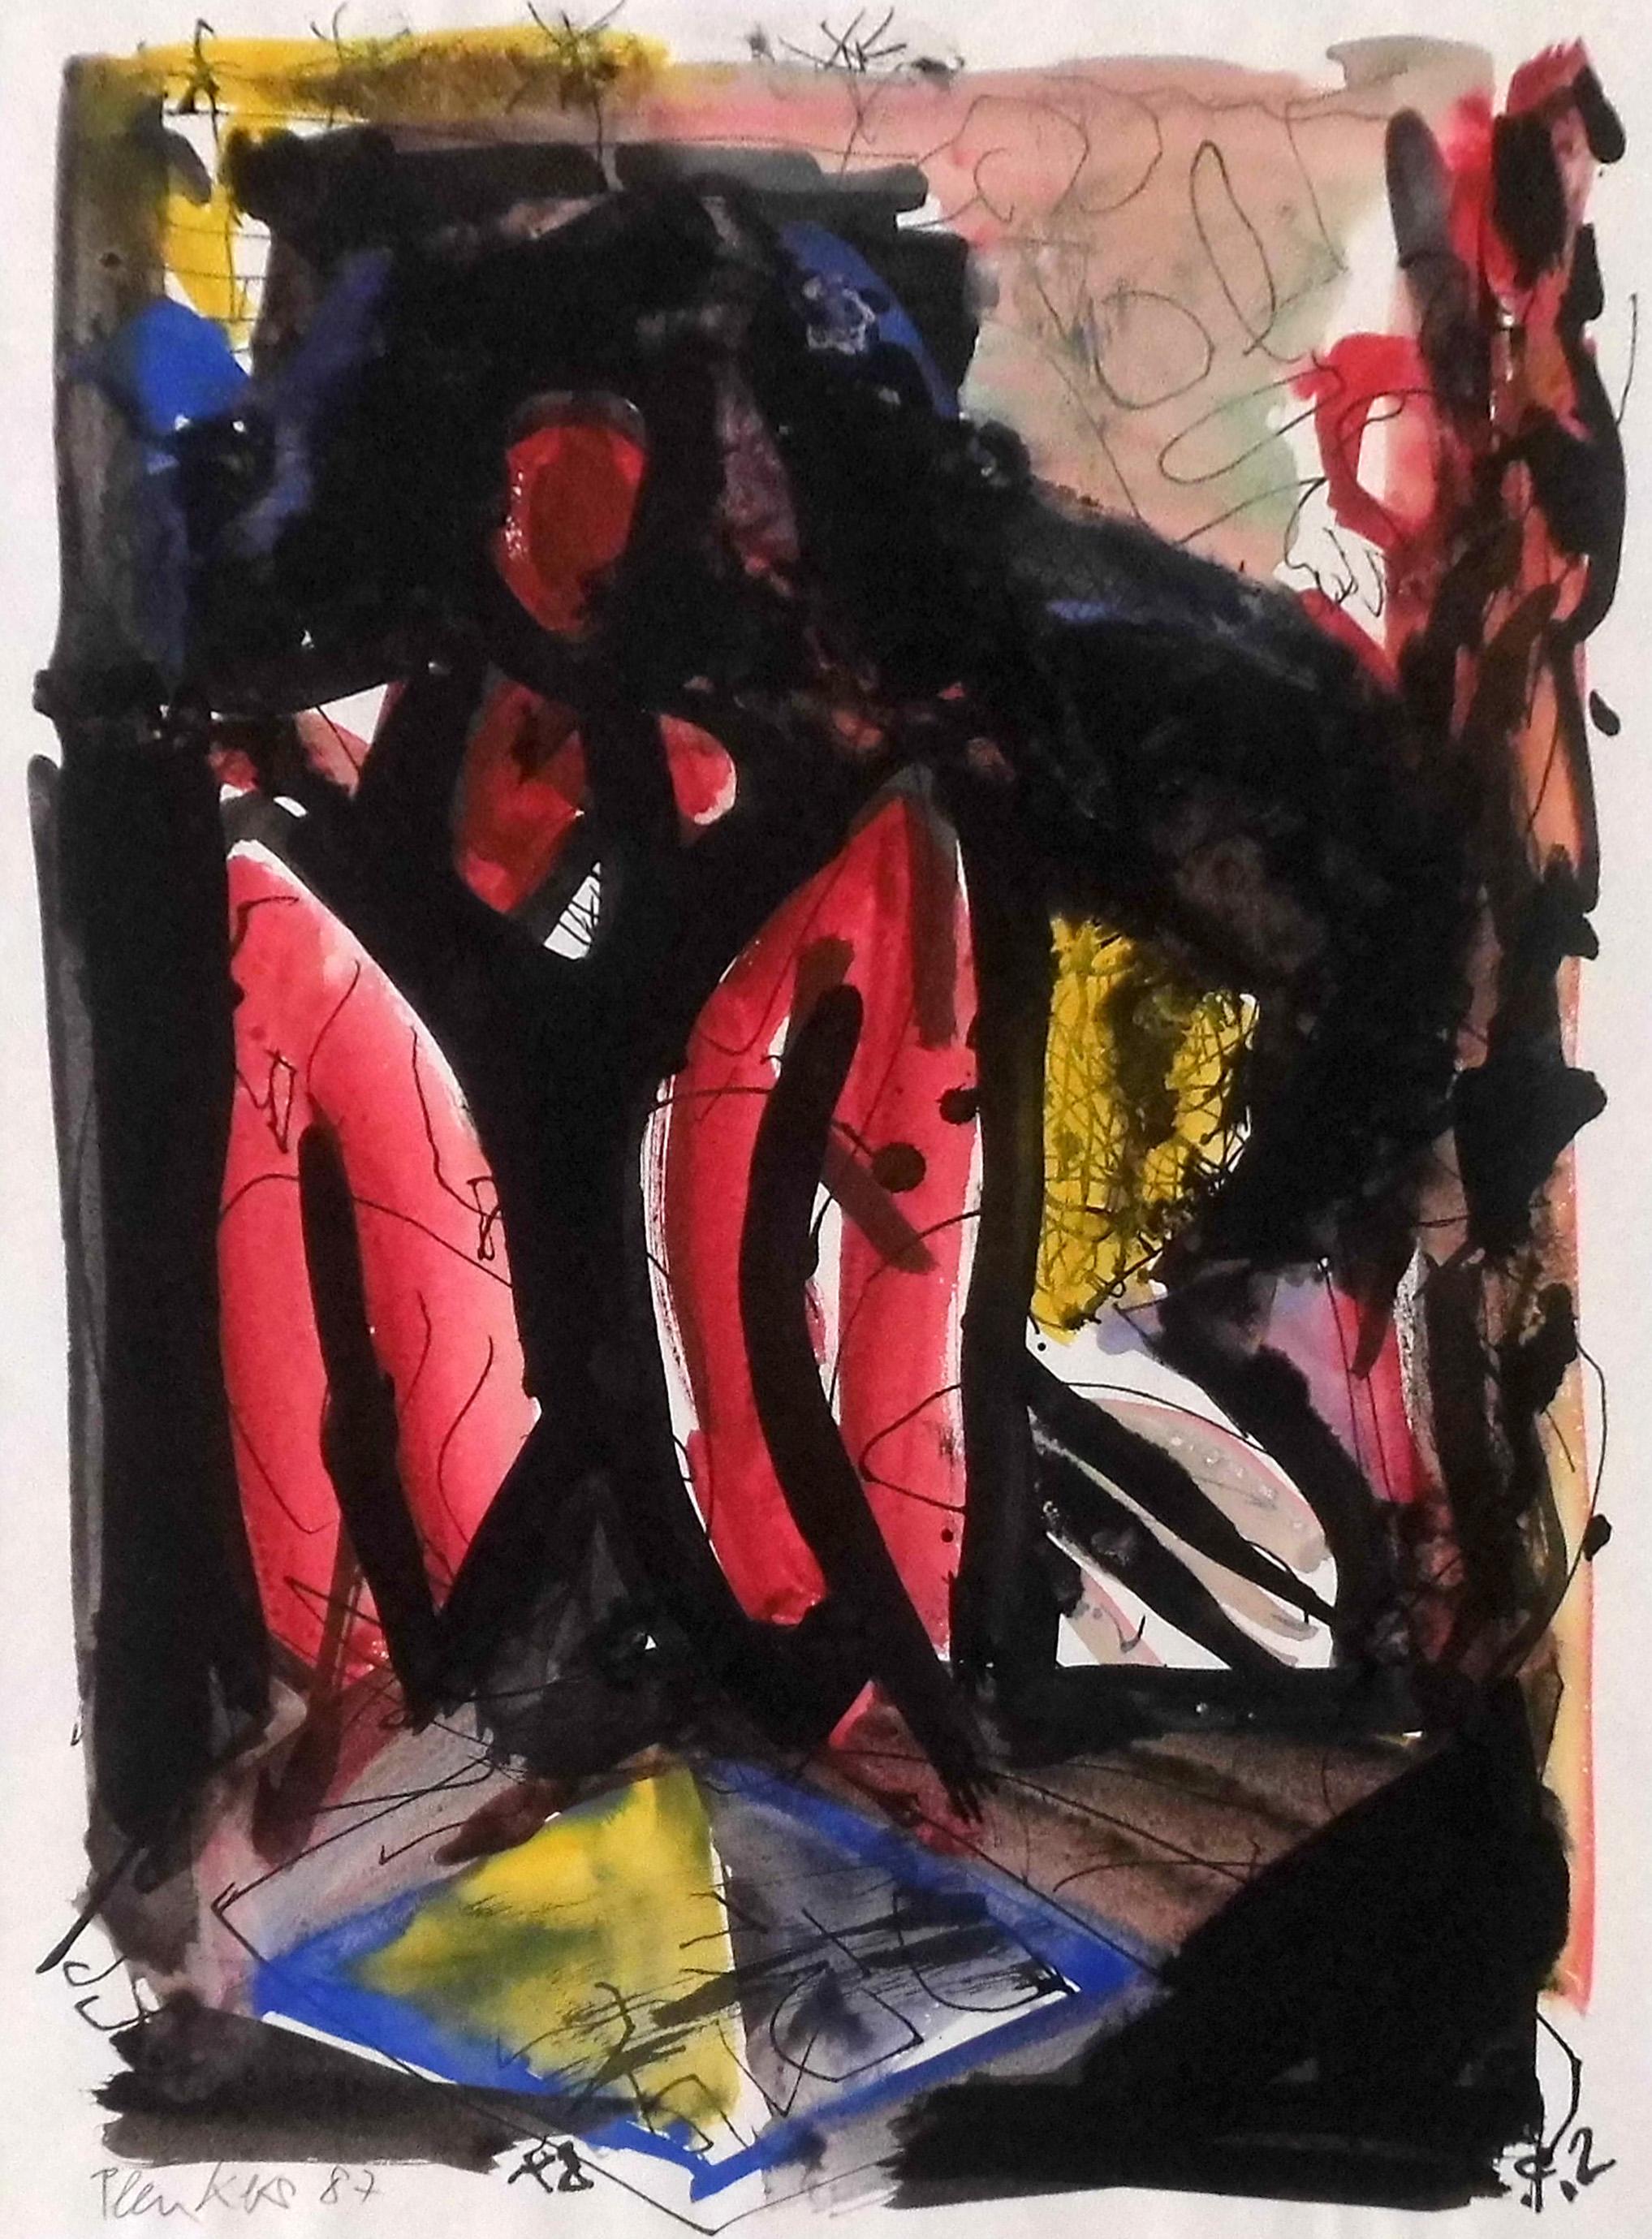 16-stefan_plenkers-aus_der_serie_chronika-1987-farbige_tuschen-38x28